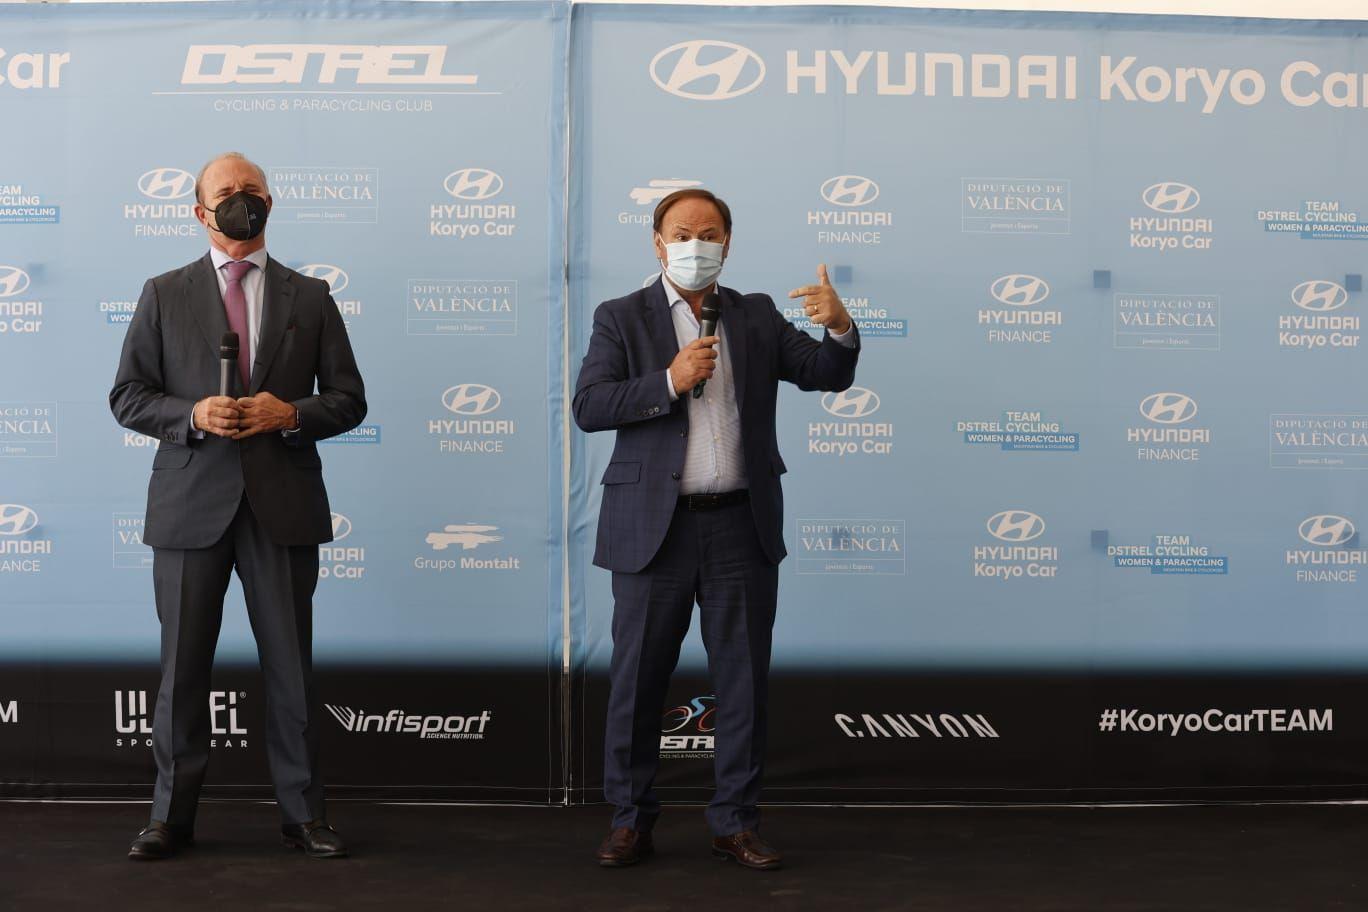 Presentación del equipo ciclista Hyundai Koryo Car